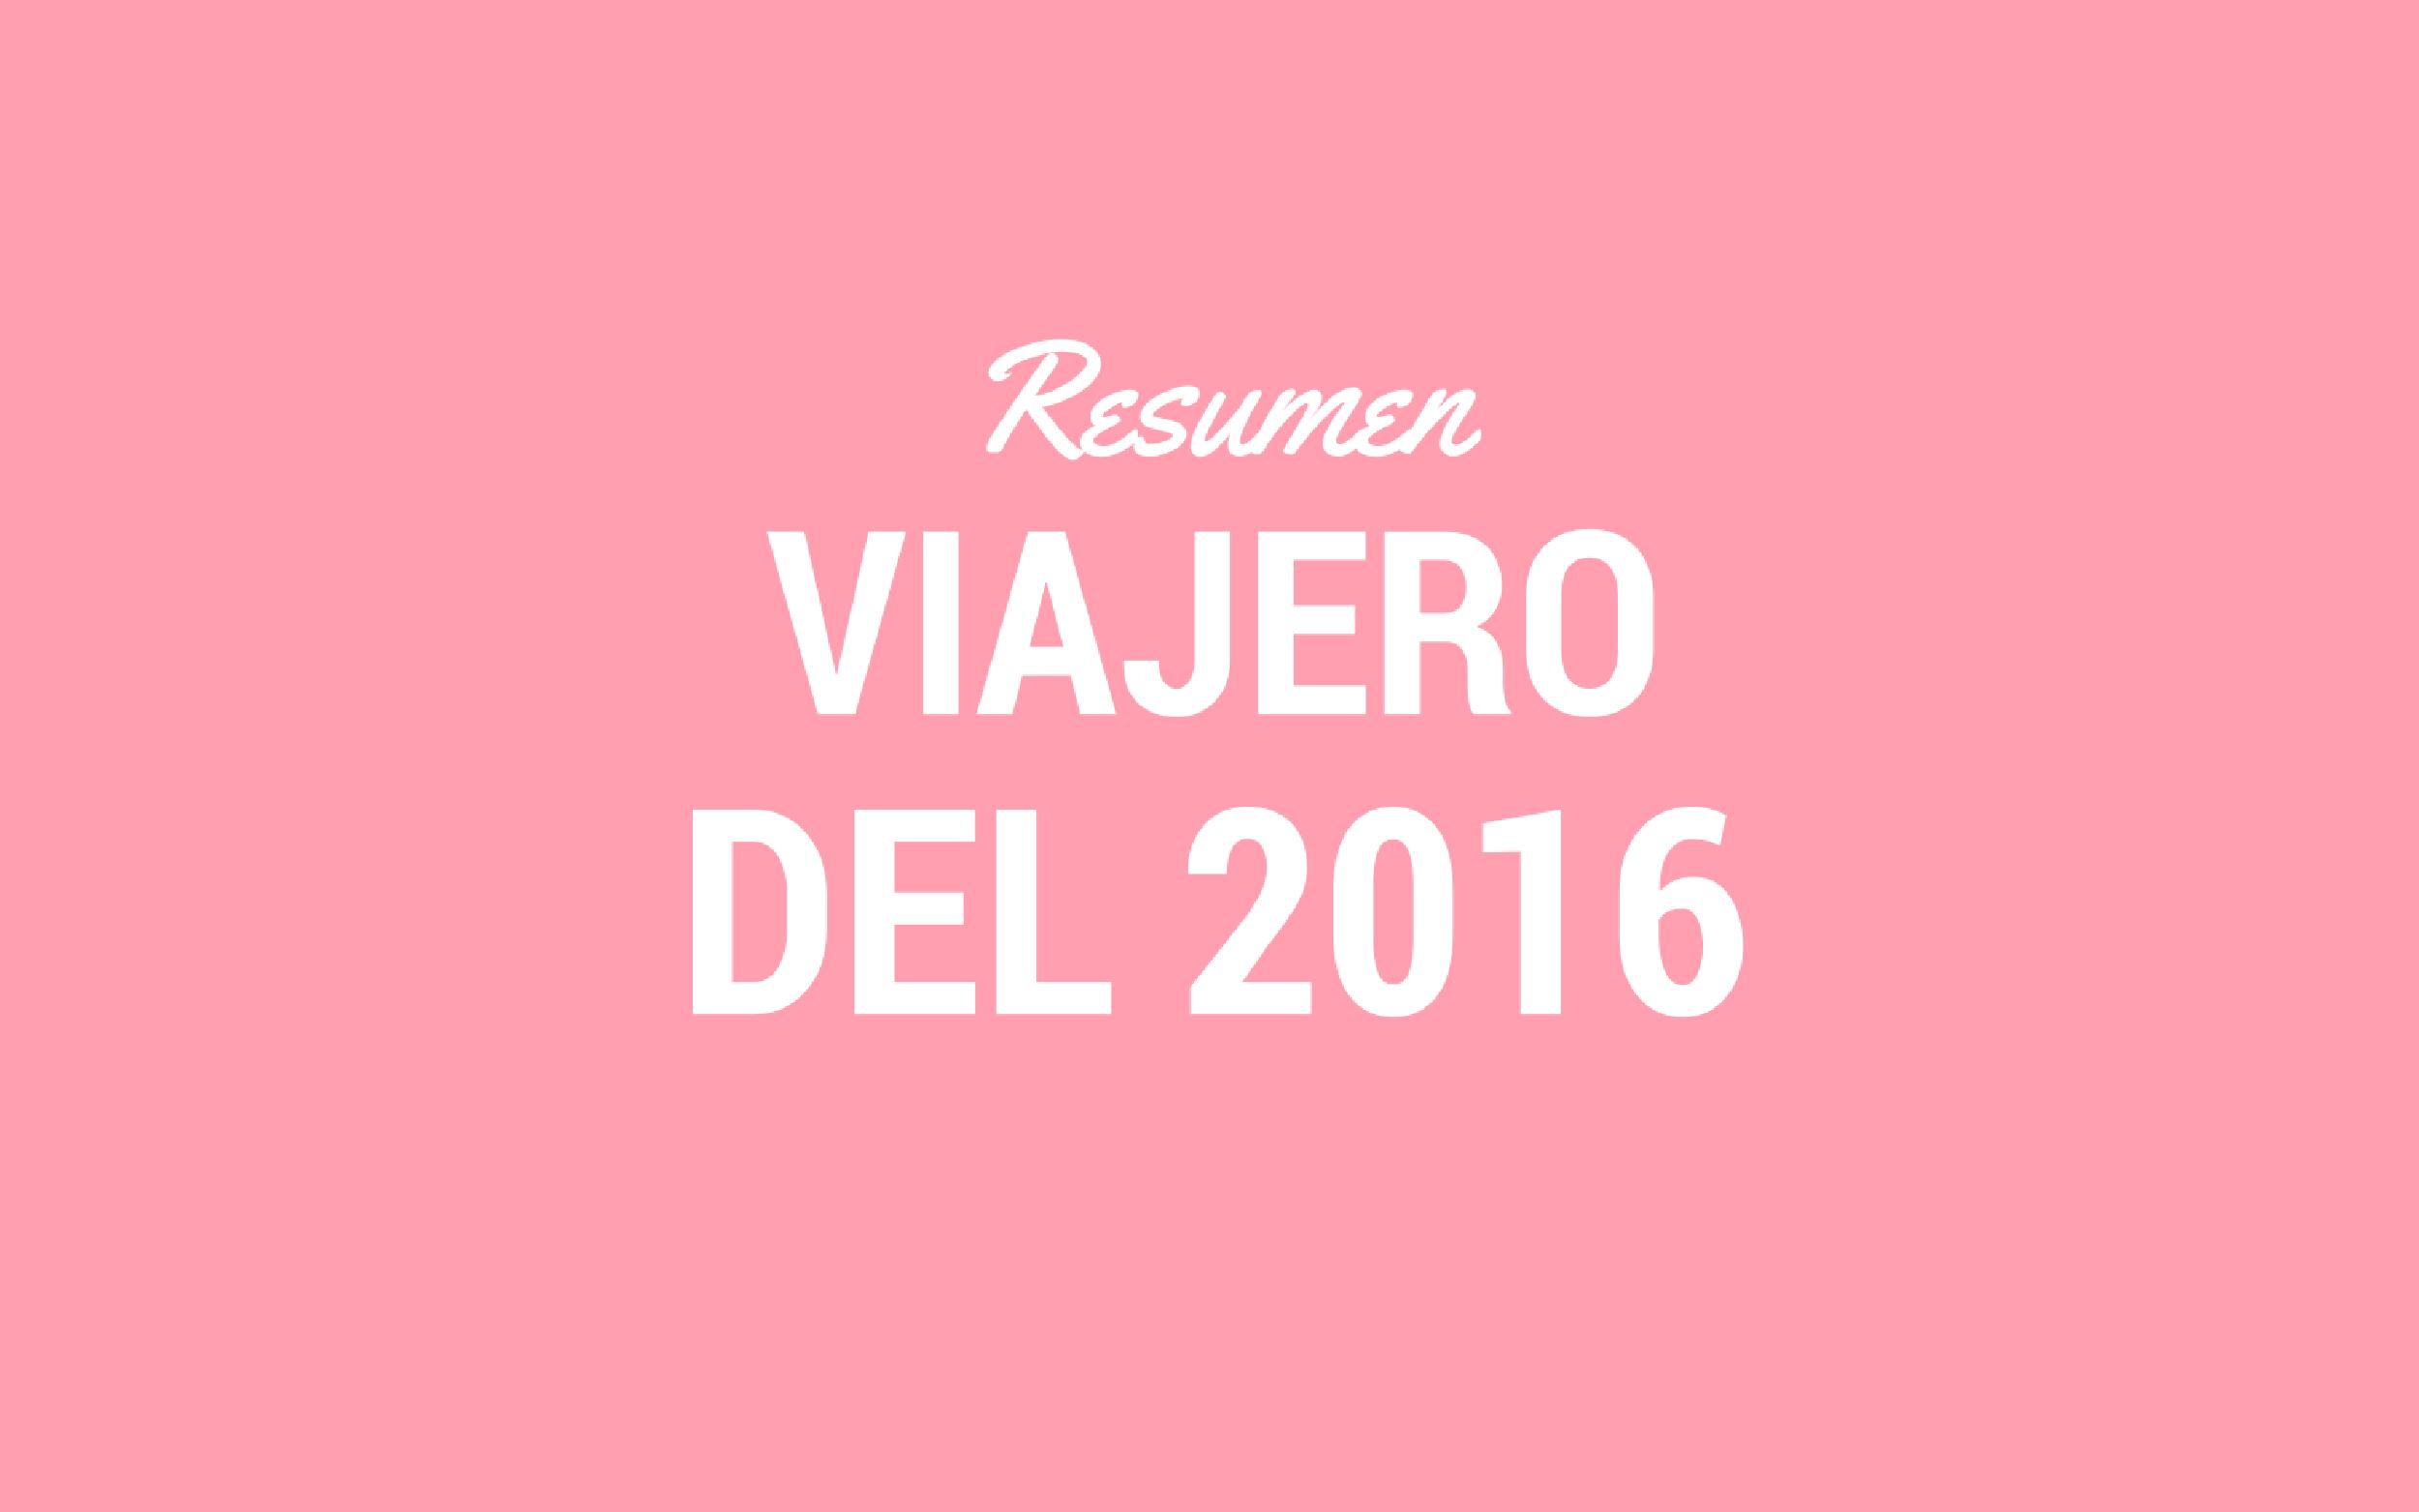 2016 EN VIAJES